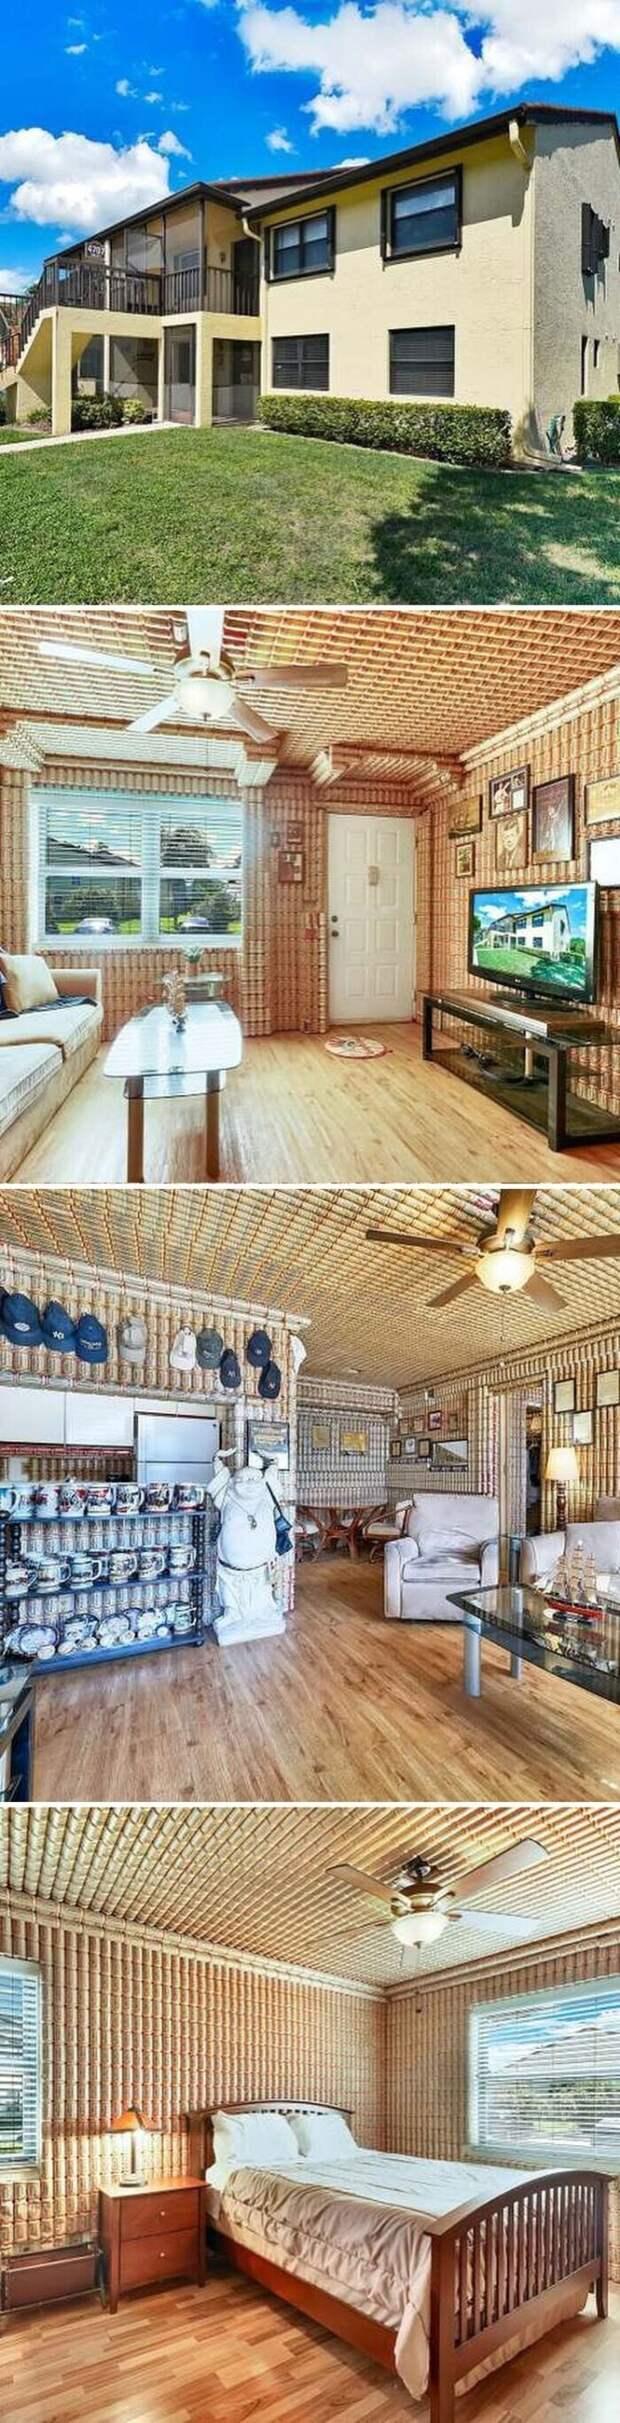 Небольшой дом площадью 73 квадратных метра. 95 тысяч долларов (7 млн рублей)